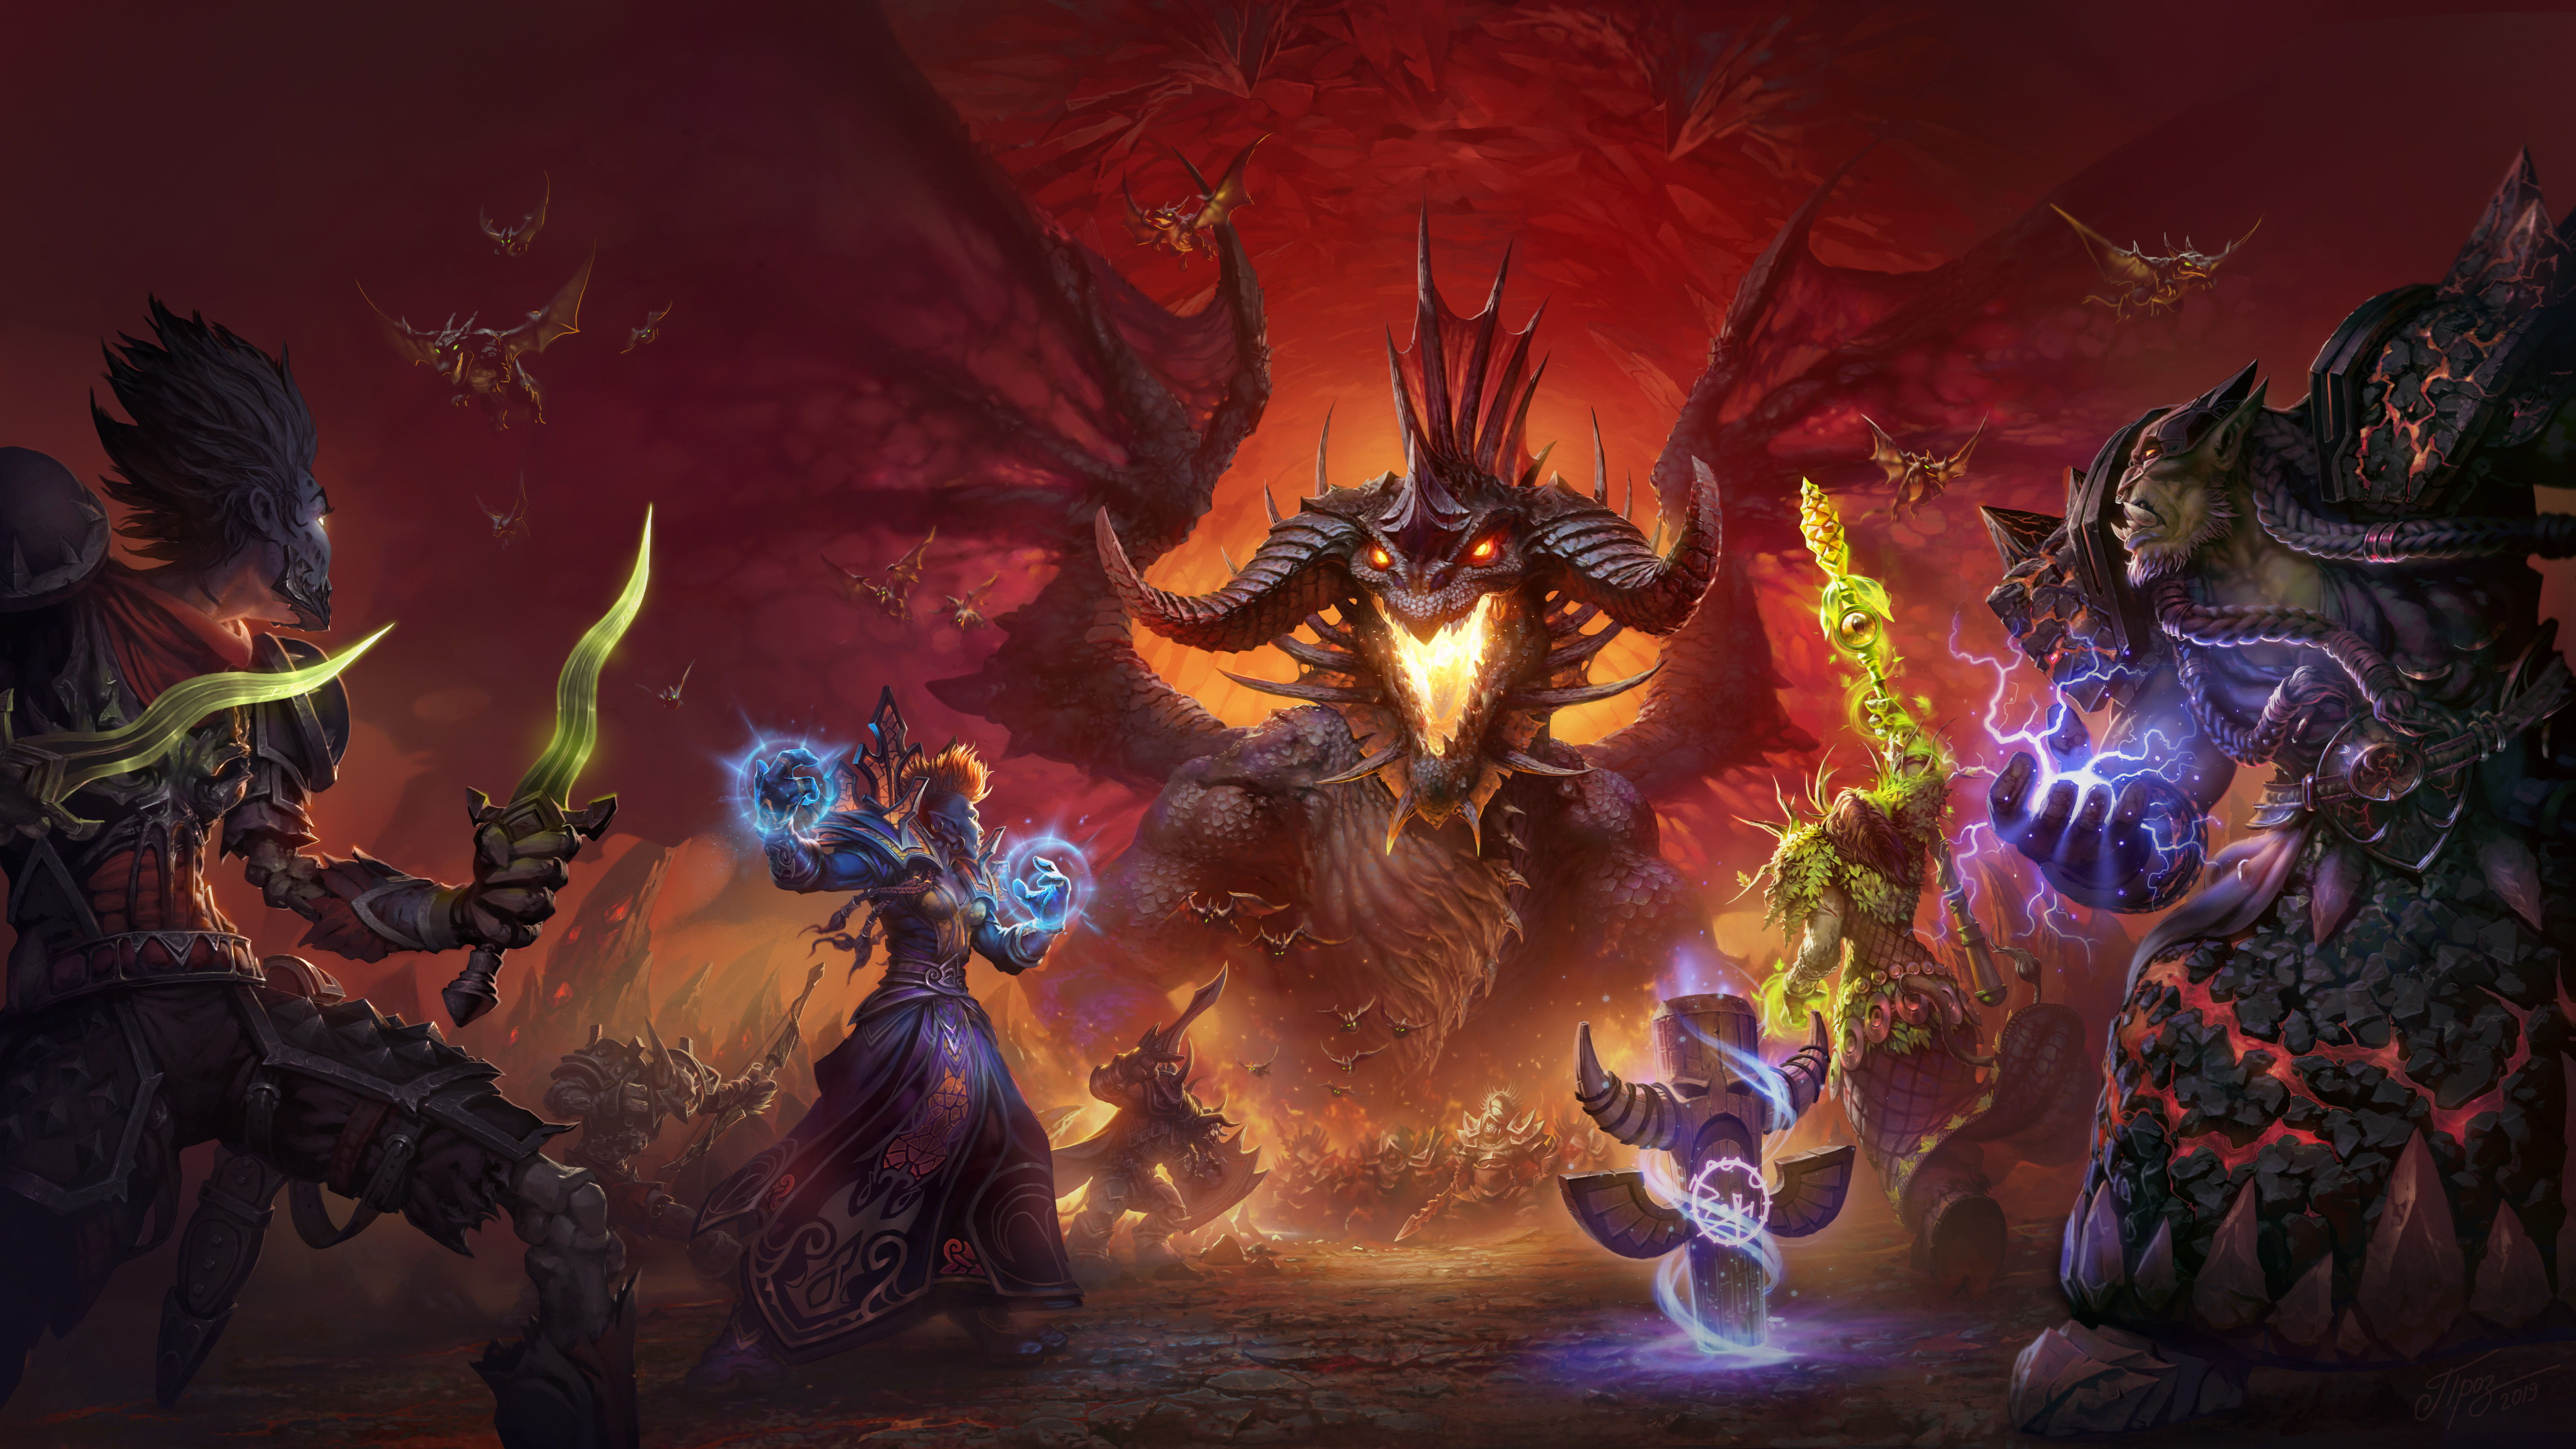 World of Warcraft Classic est disponible sans frais supplémentaires pour tous les abonnés du MMORPG de Blizzard Entertainment.